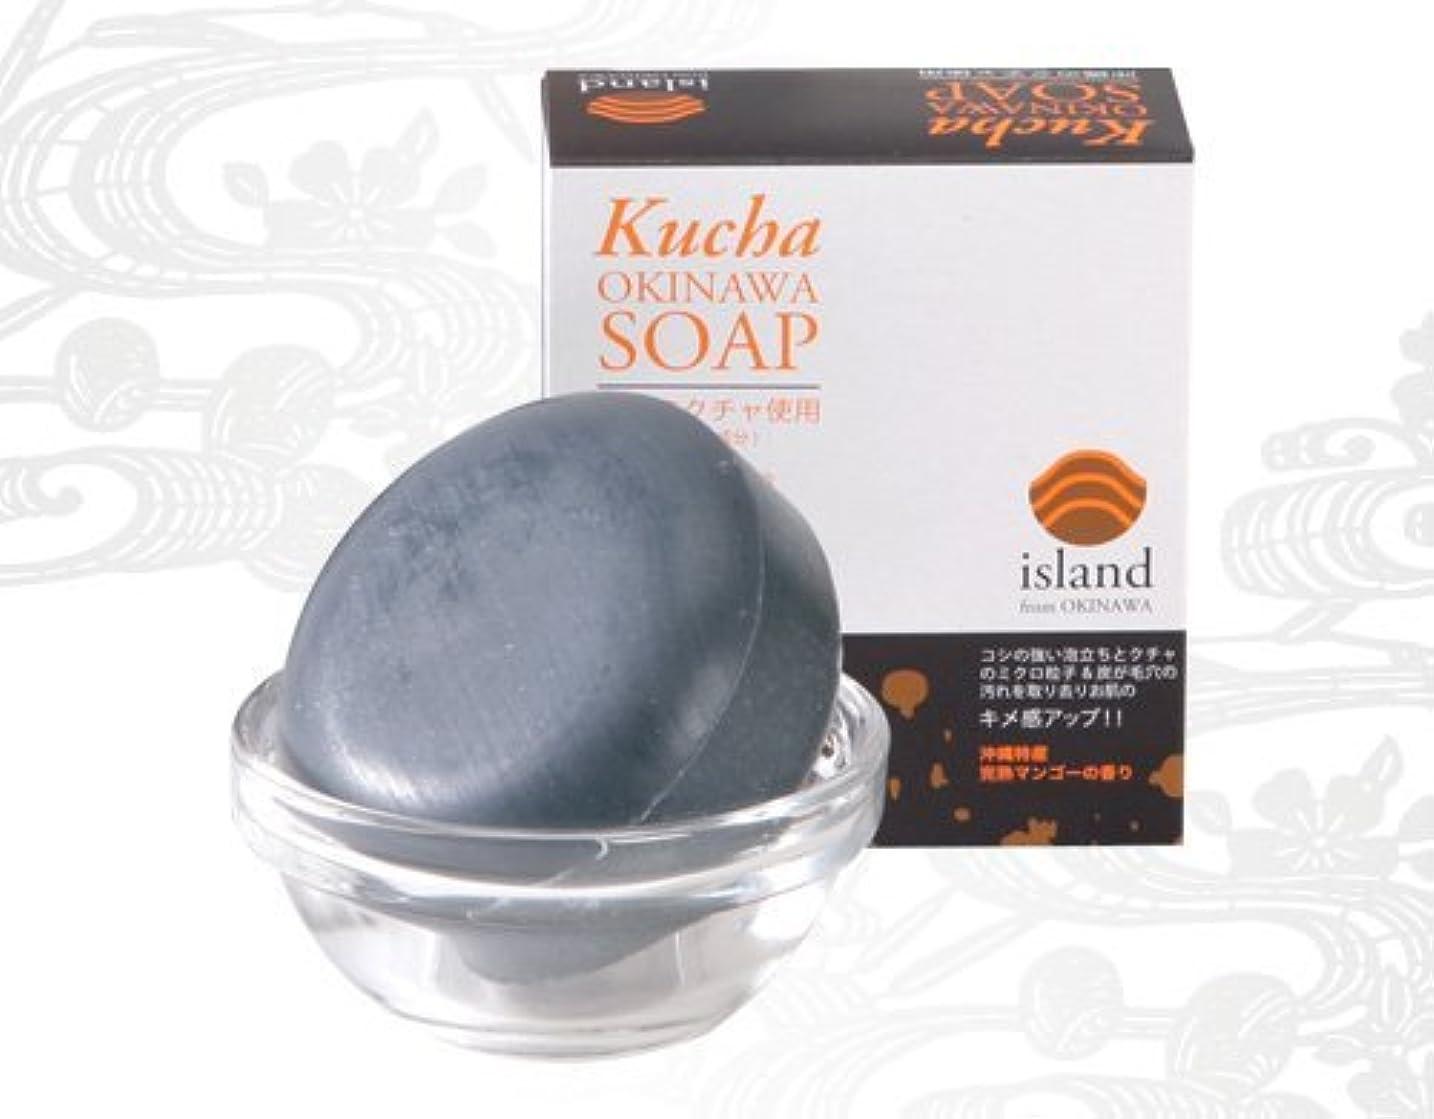 もちろん節約くちゃ OKINAWA SOAP 90g×3個 アイランド 沖縄特産「くちゃ」配合の無添加石けん ミクロの泥で毛穴スッキリ、つるつる素肌!